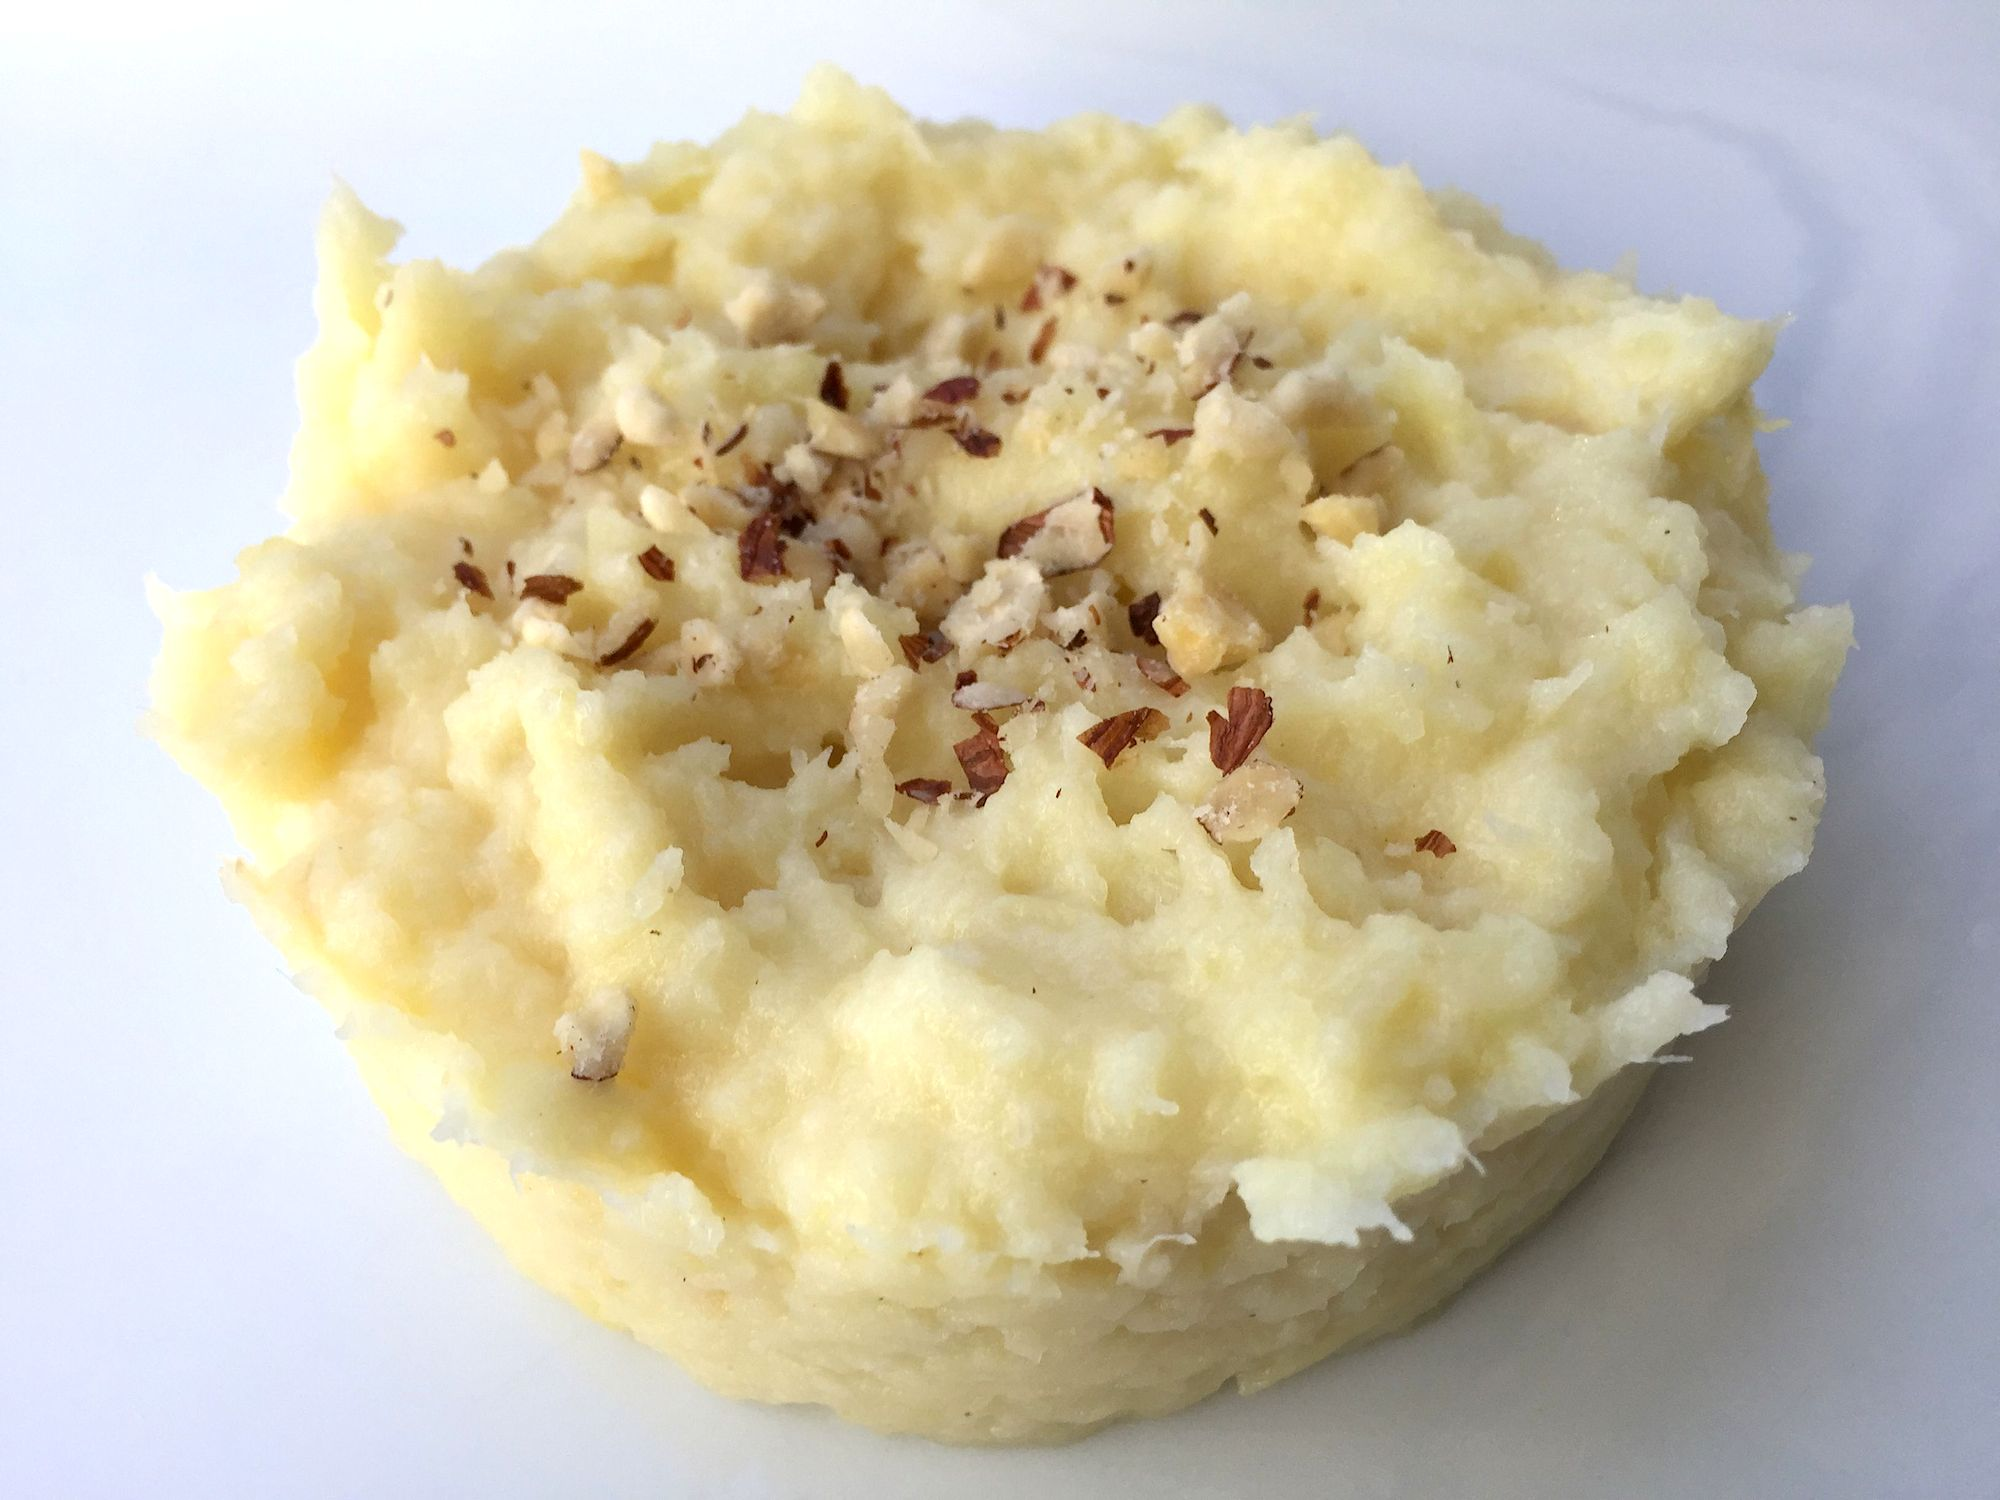 recettes test es et approuv es beignets de pommes de terre feuillet camembert pur e de. Black Bedroom Furniture Sets. Home Design Ideas